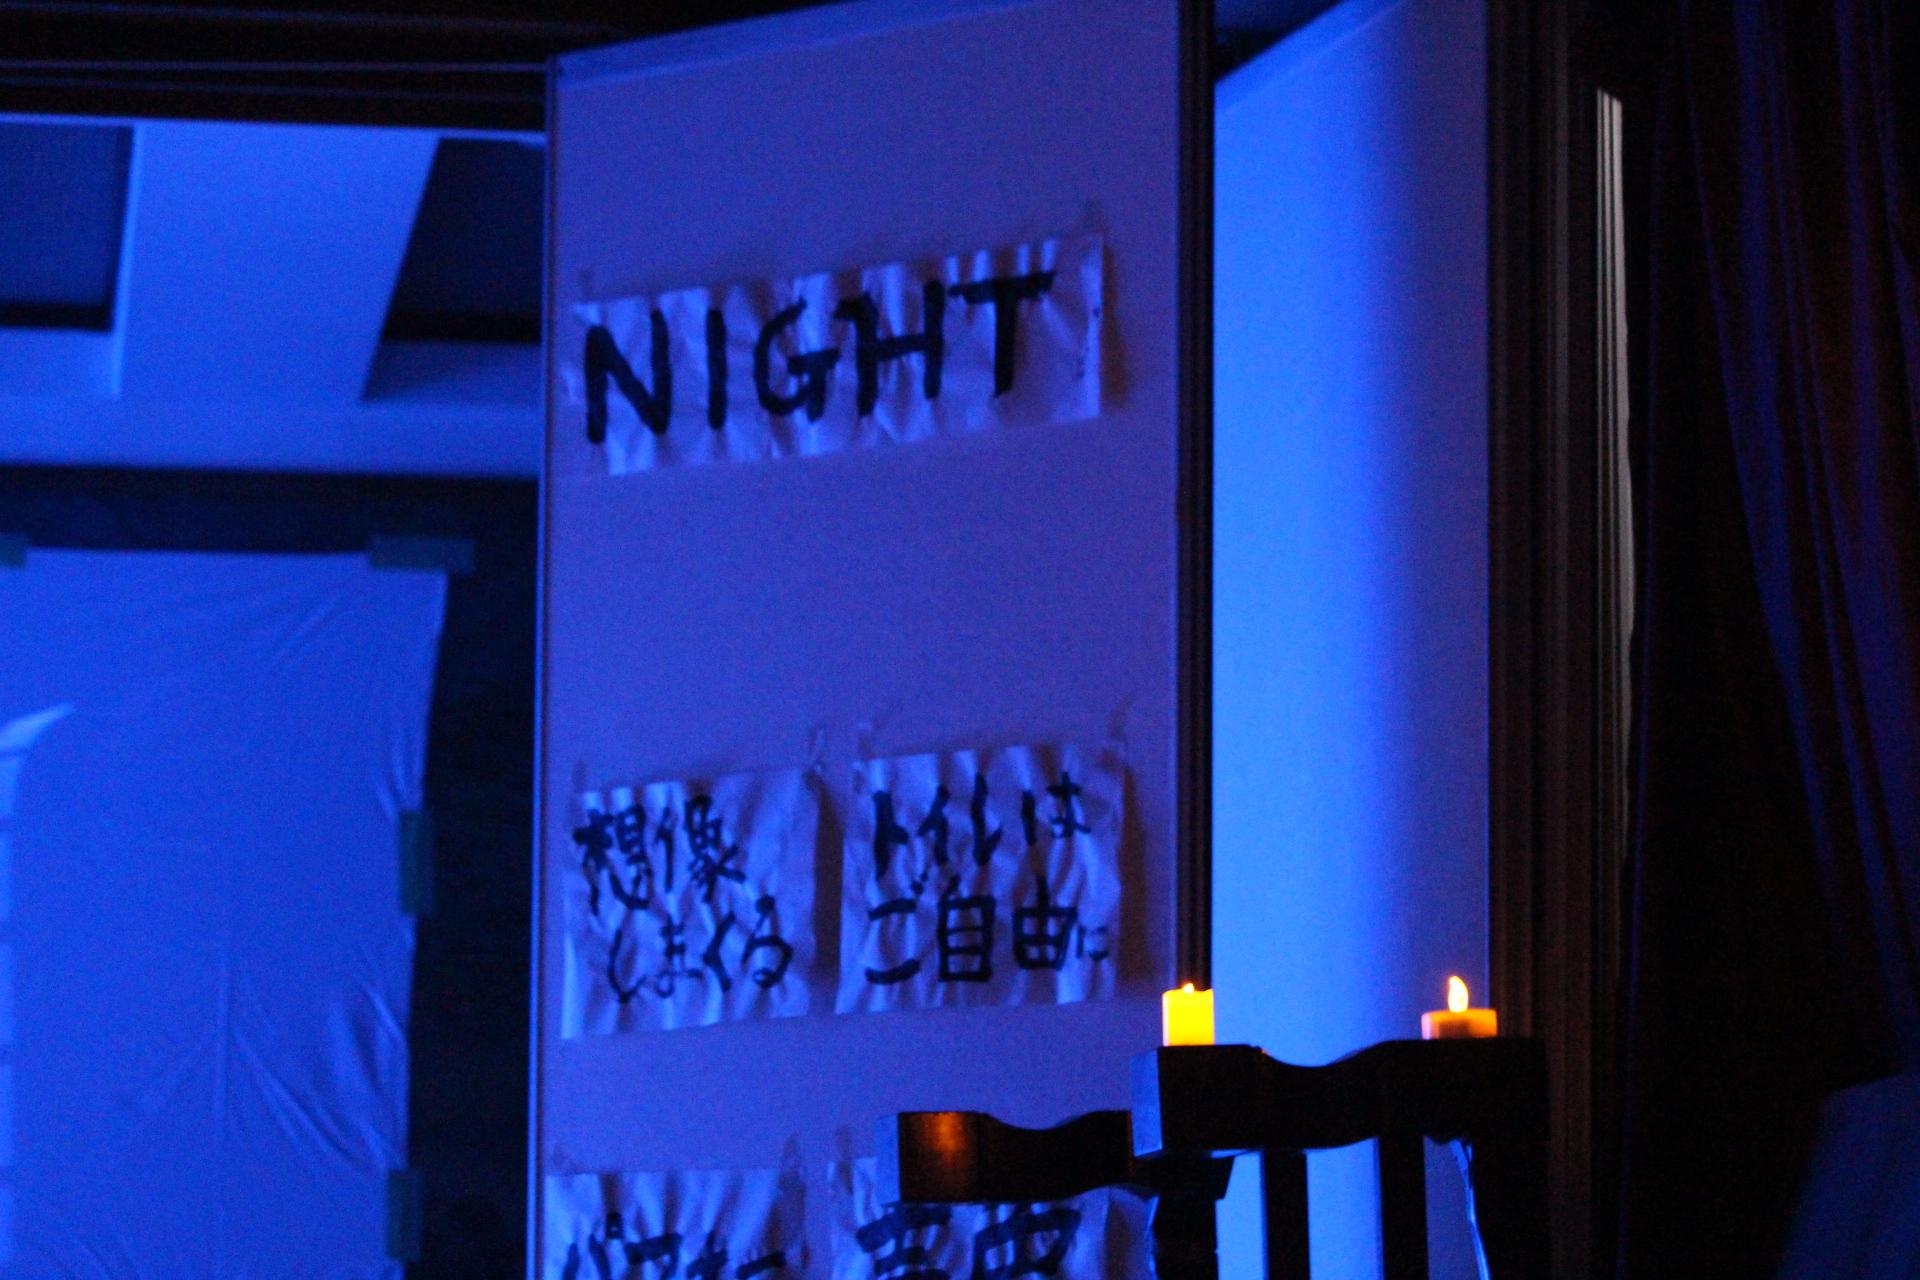 怖いかも!?天文館お化けホテルのTELLER NIGHT(怪談パーティー)を満喫した結果!